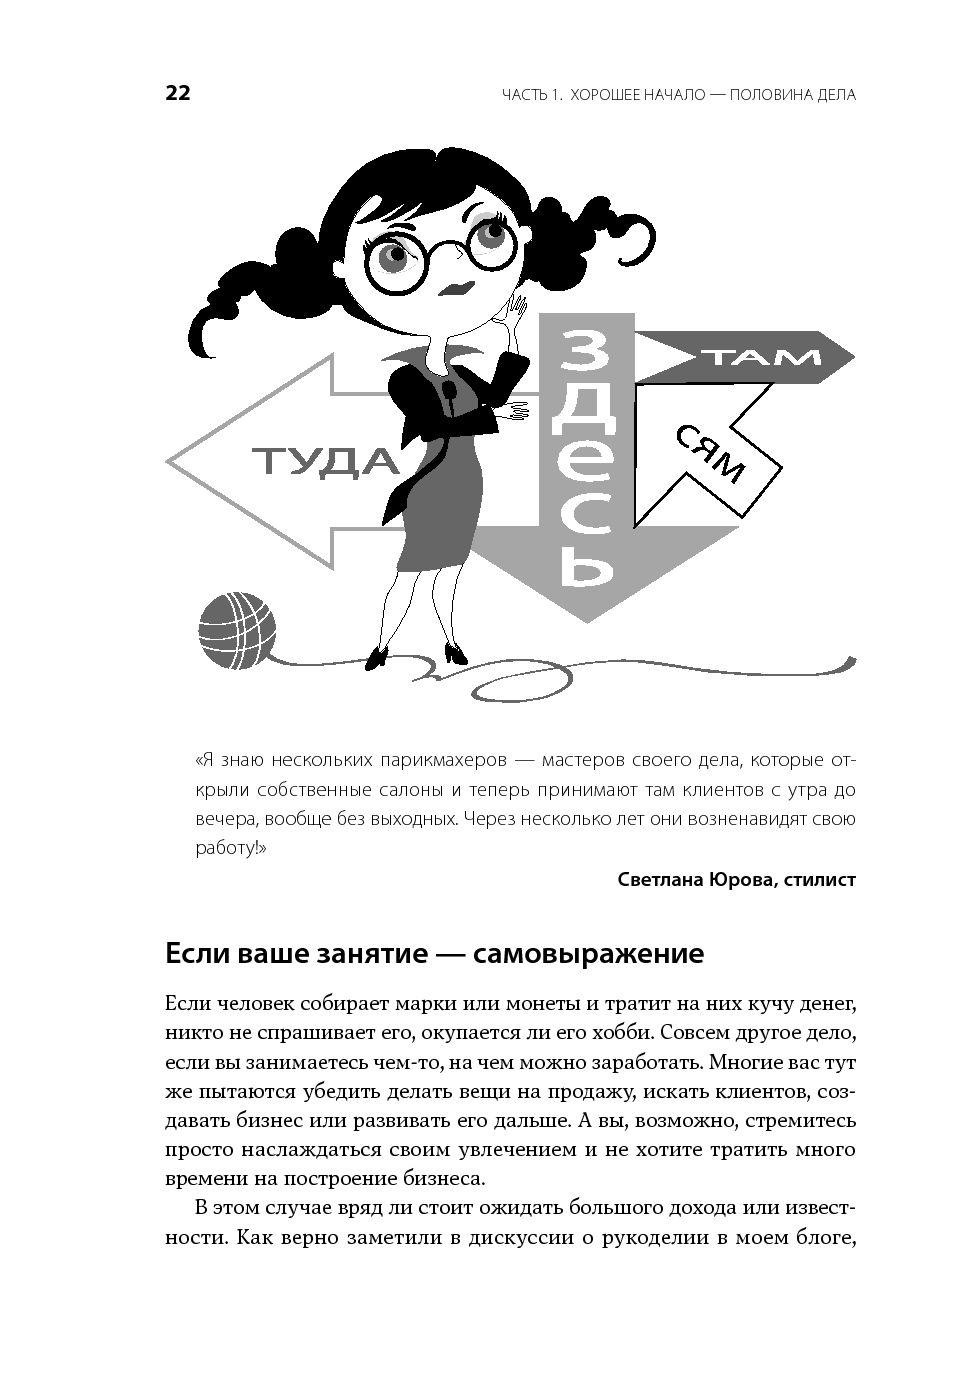 Ада быковская бизнес читать онлайн бесплатно